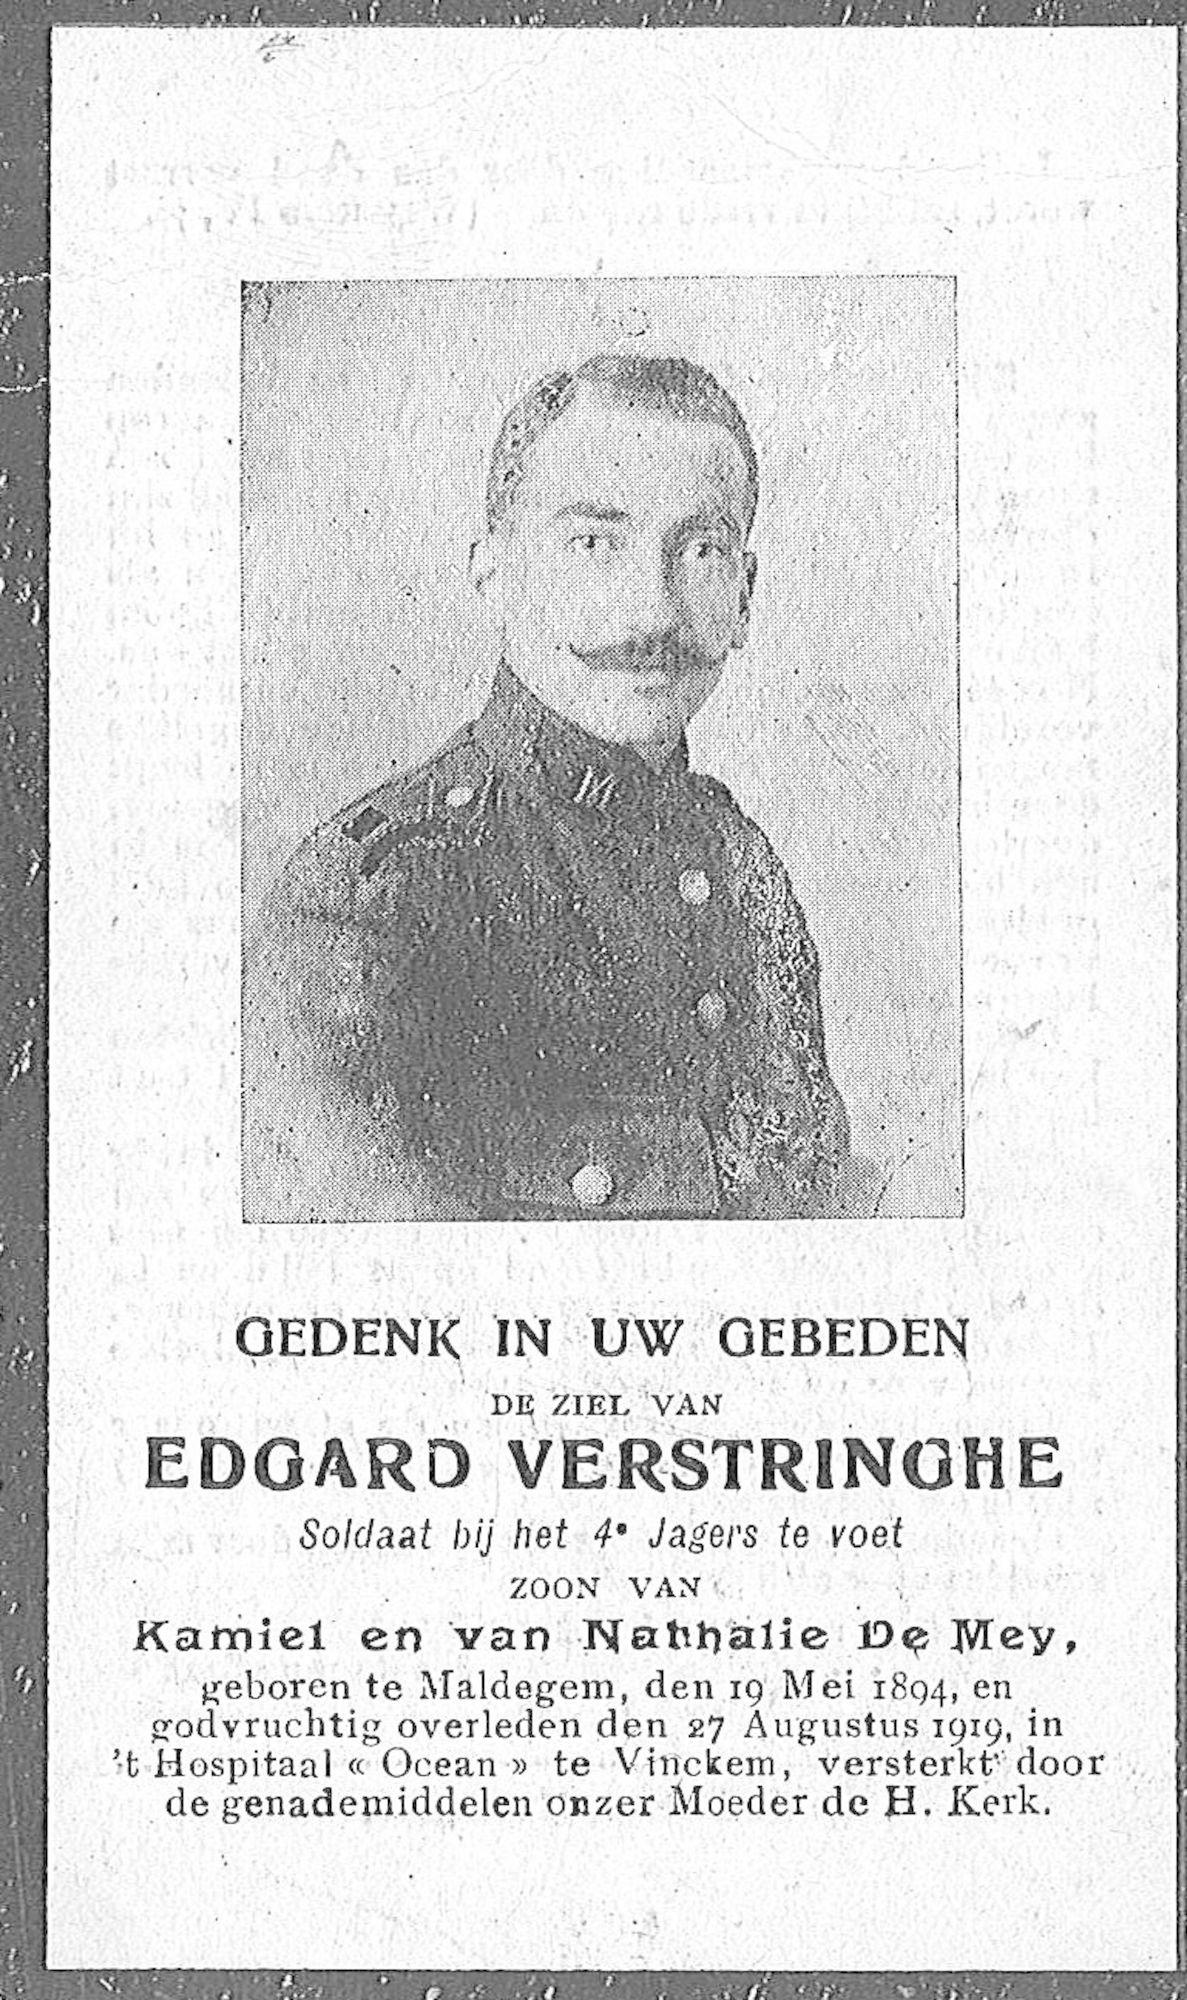 Edgard Verstringhe